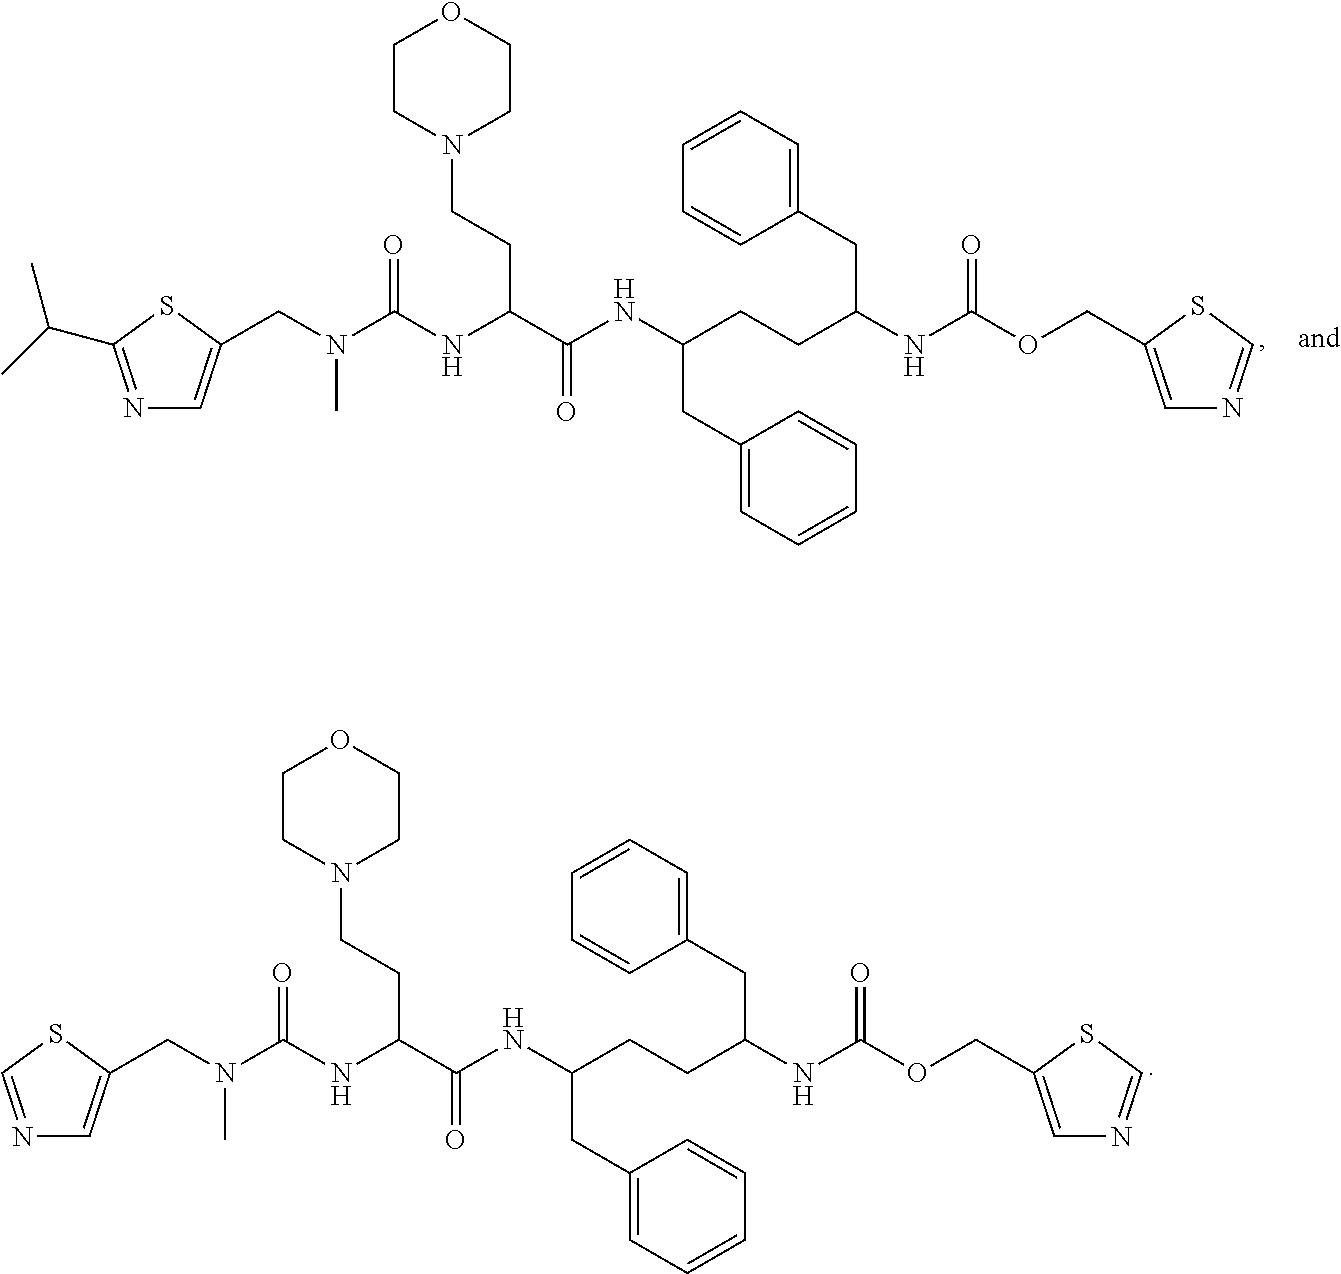 Figure US09891239-20180213-C00083